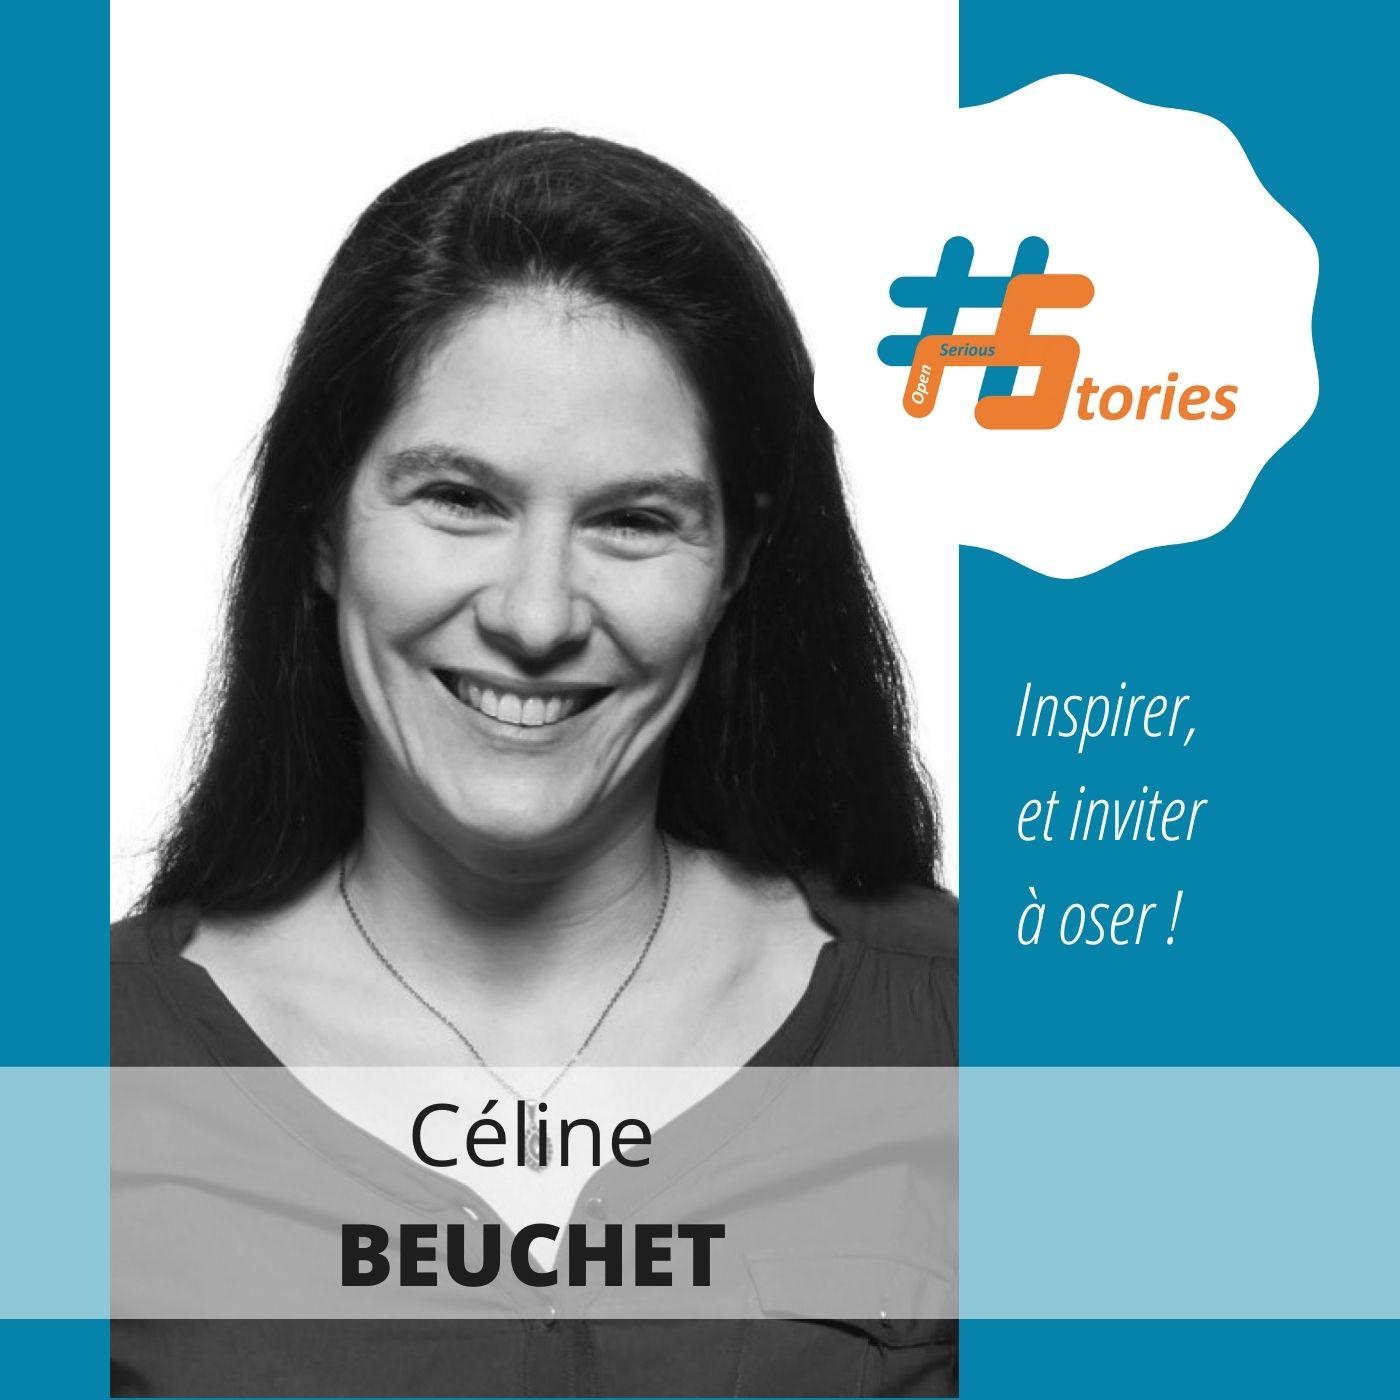 #OpenSeriousStories - Niveau 3 Éclaireuse - Céline Beuchet